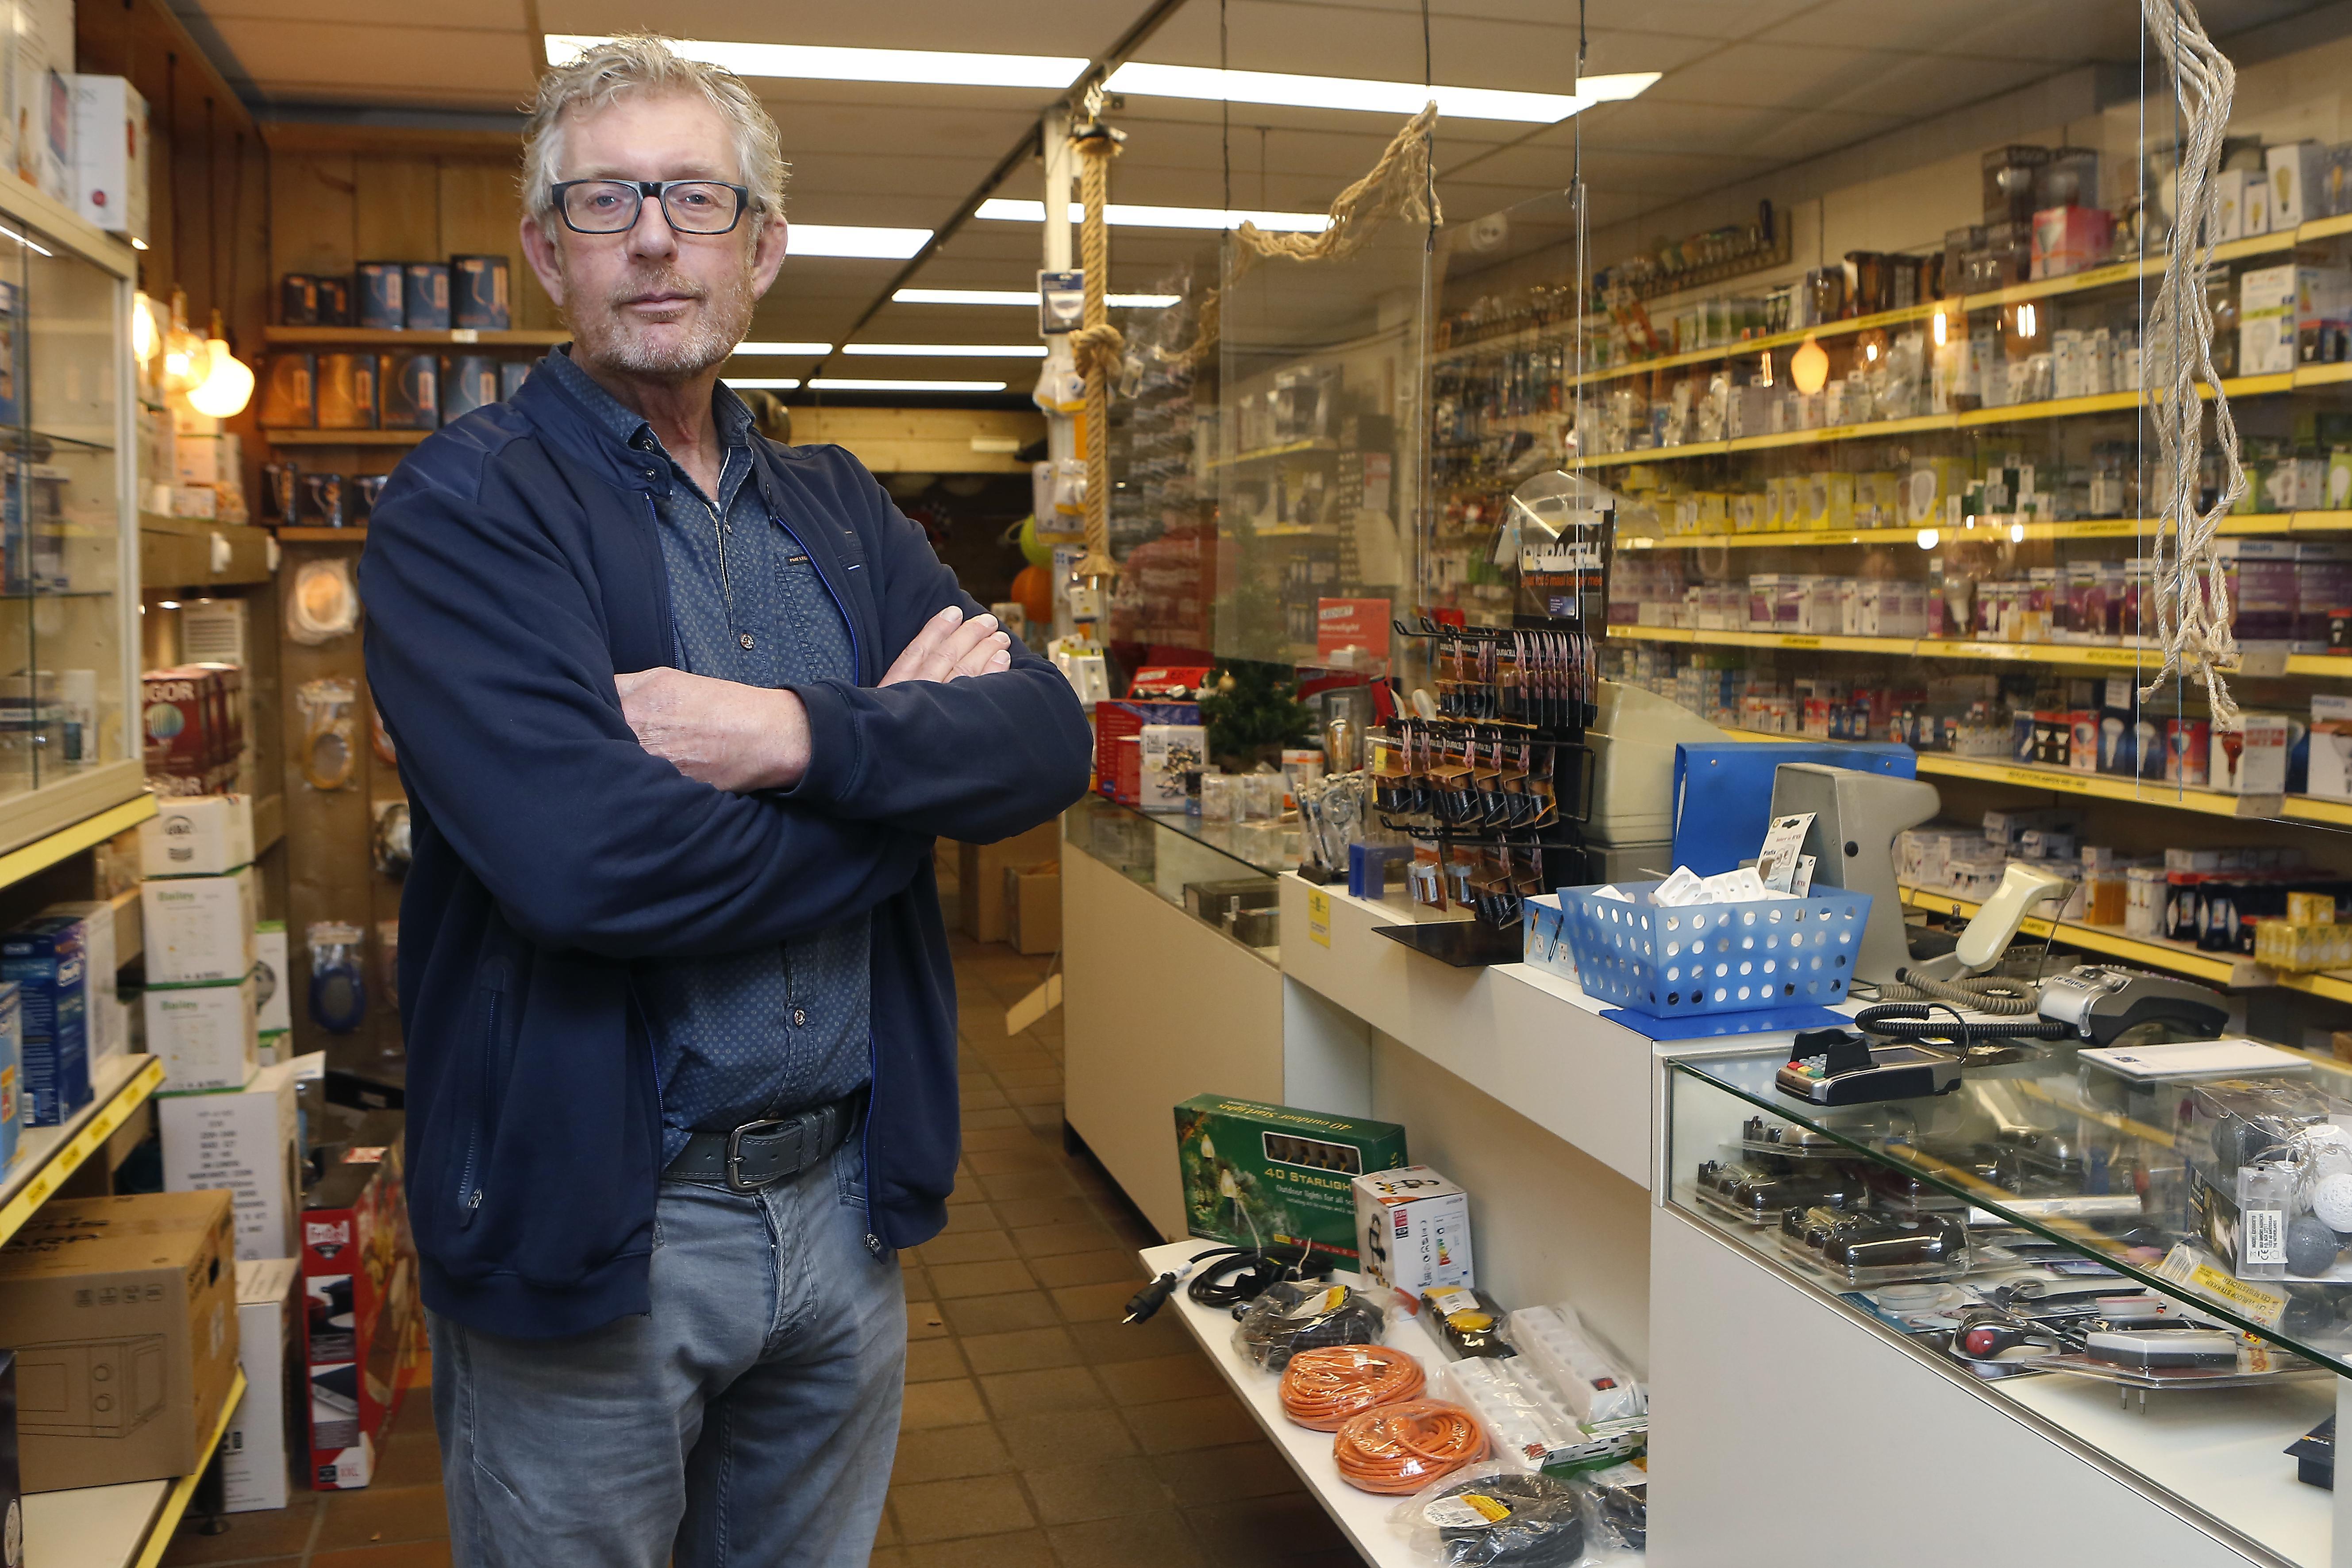 Tweede overval bij de Albert Heijn op de Gijsbrecht, maar voor winkeliers blijft het een rustige straat; 'Ik ben één keer bestolen. Door de politie.'